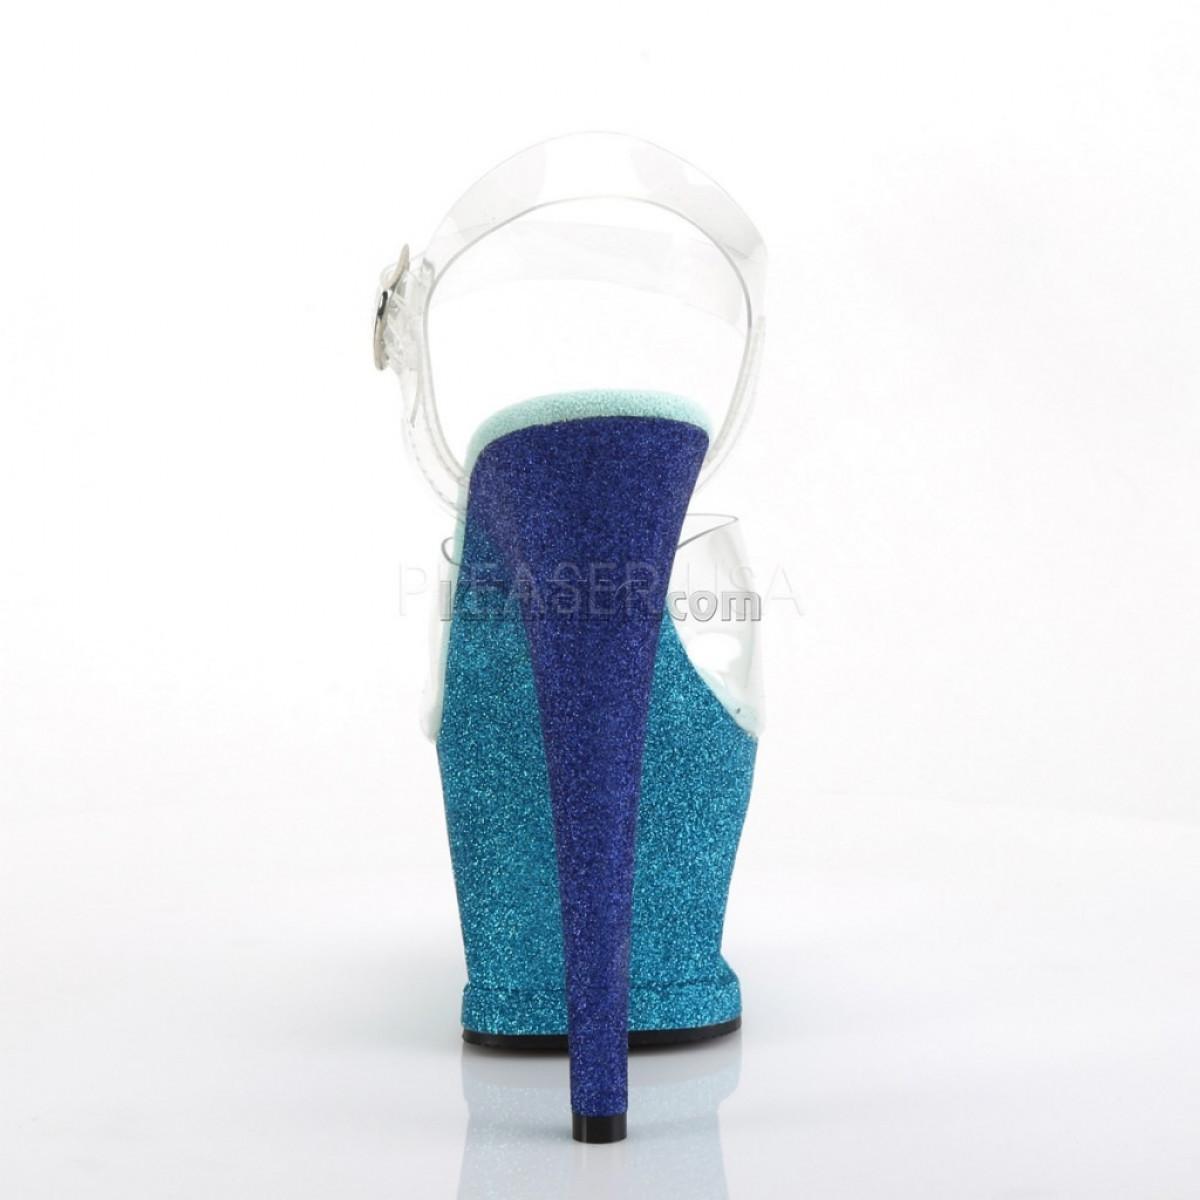 Стрипы с вырезом в платформе покрыты сине-голубым омбре глиттером